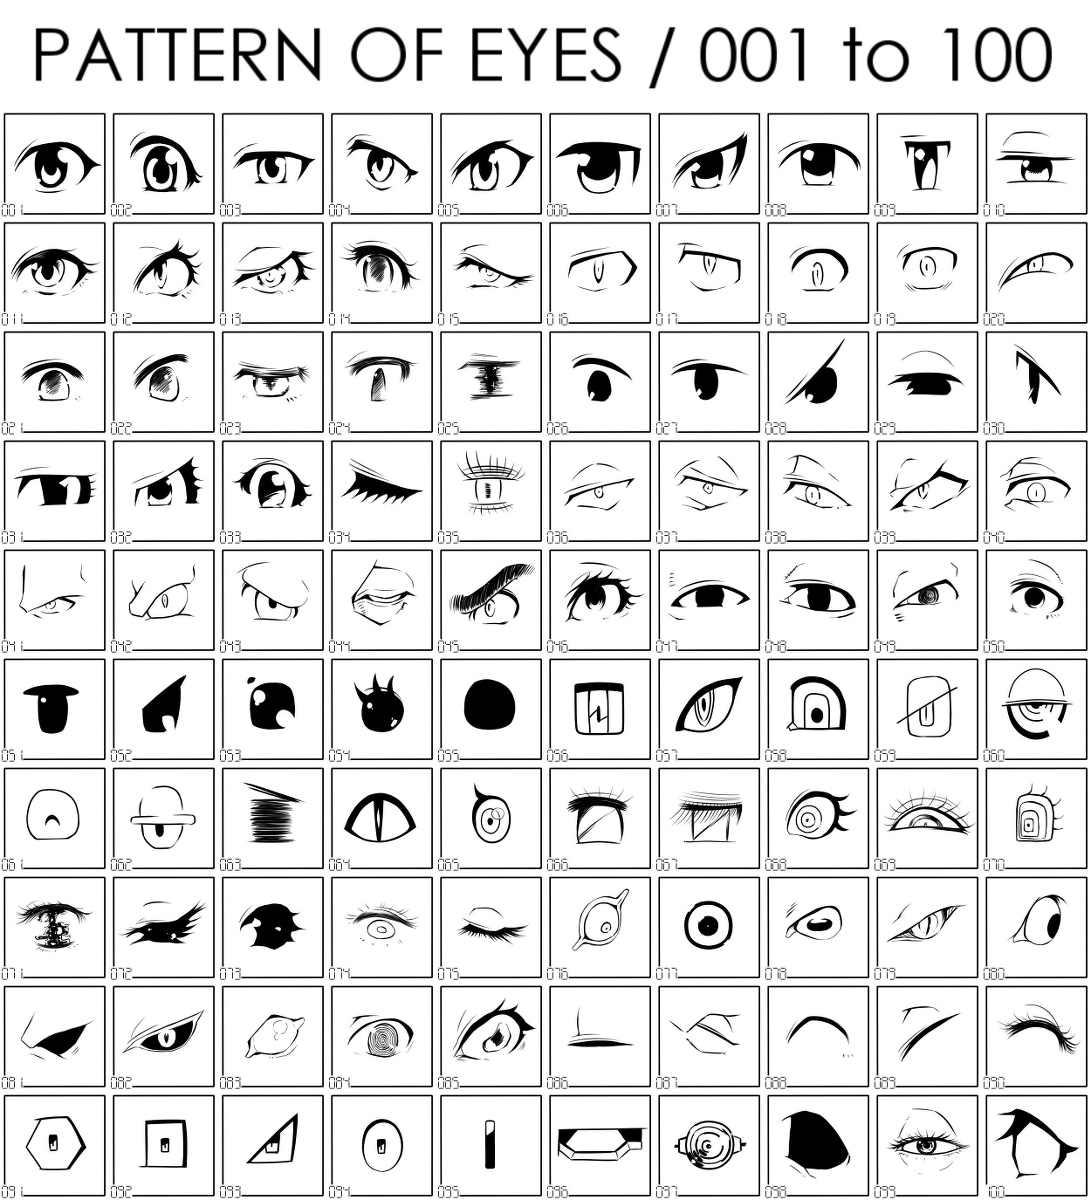 画眼睛的教程,动漫眼睛怎么画,免费素材,